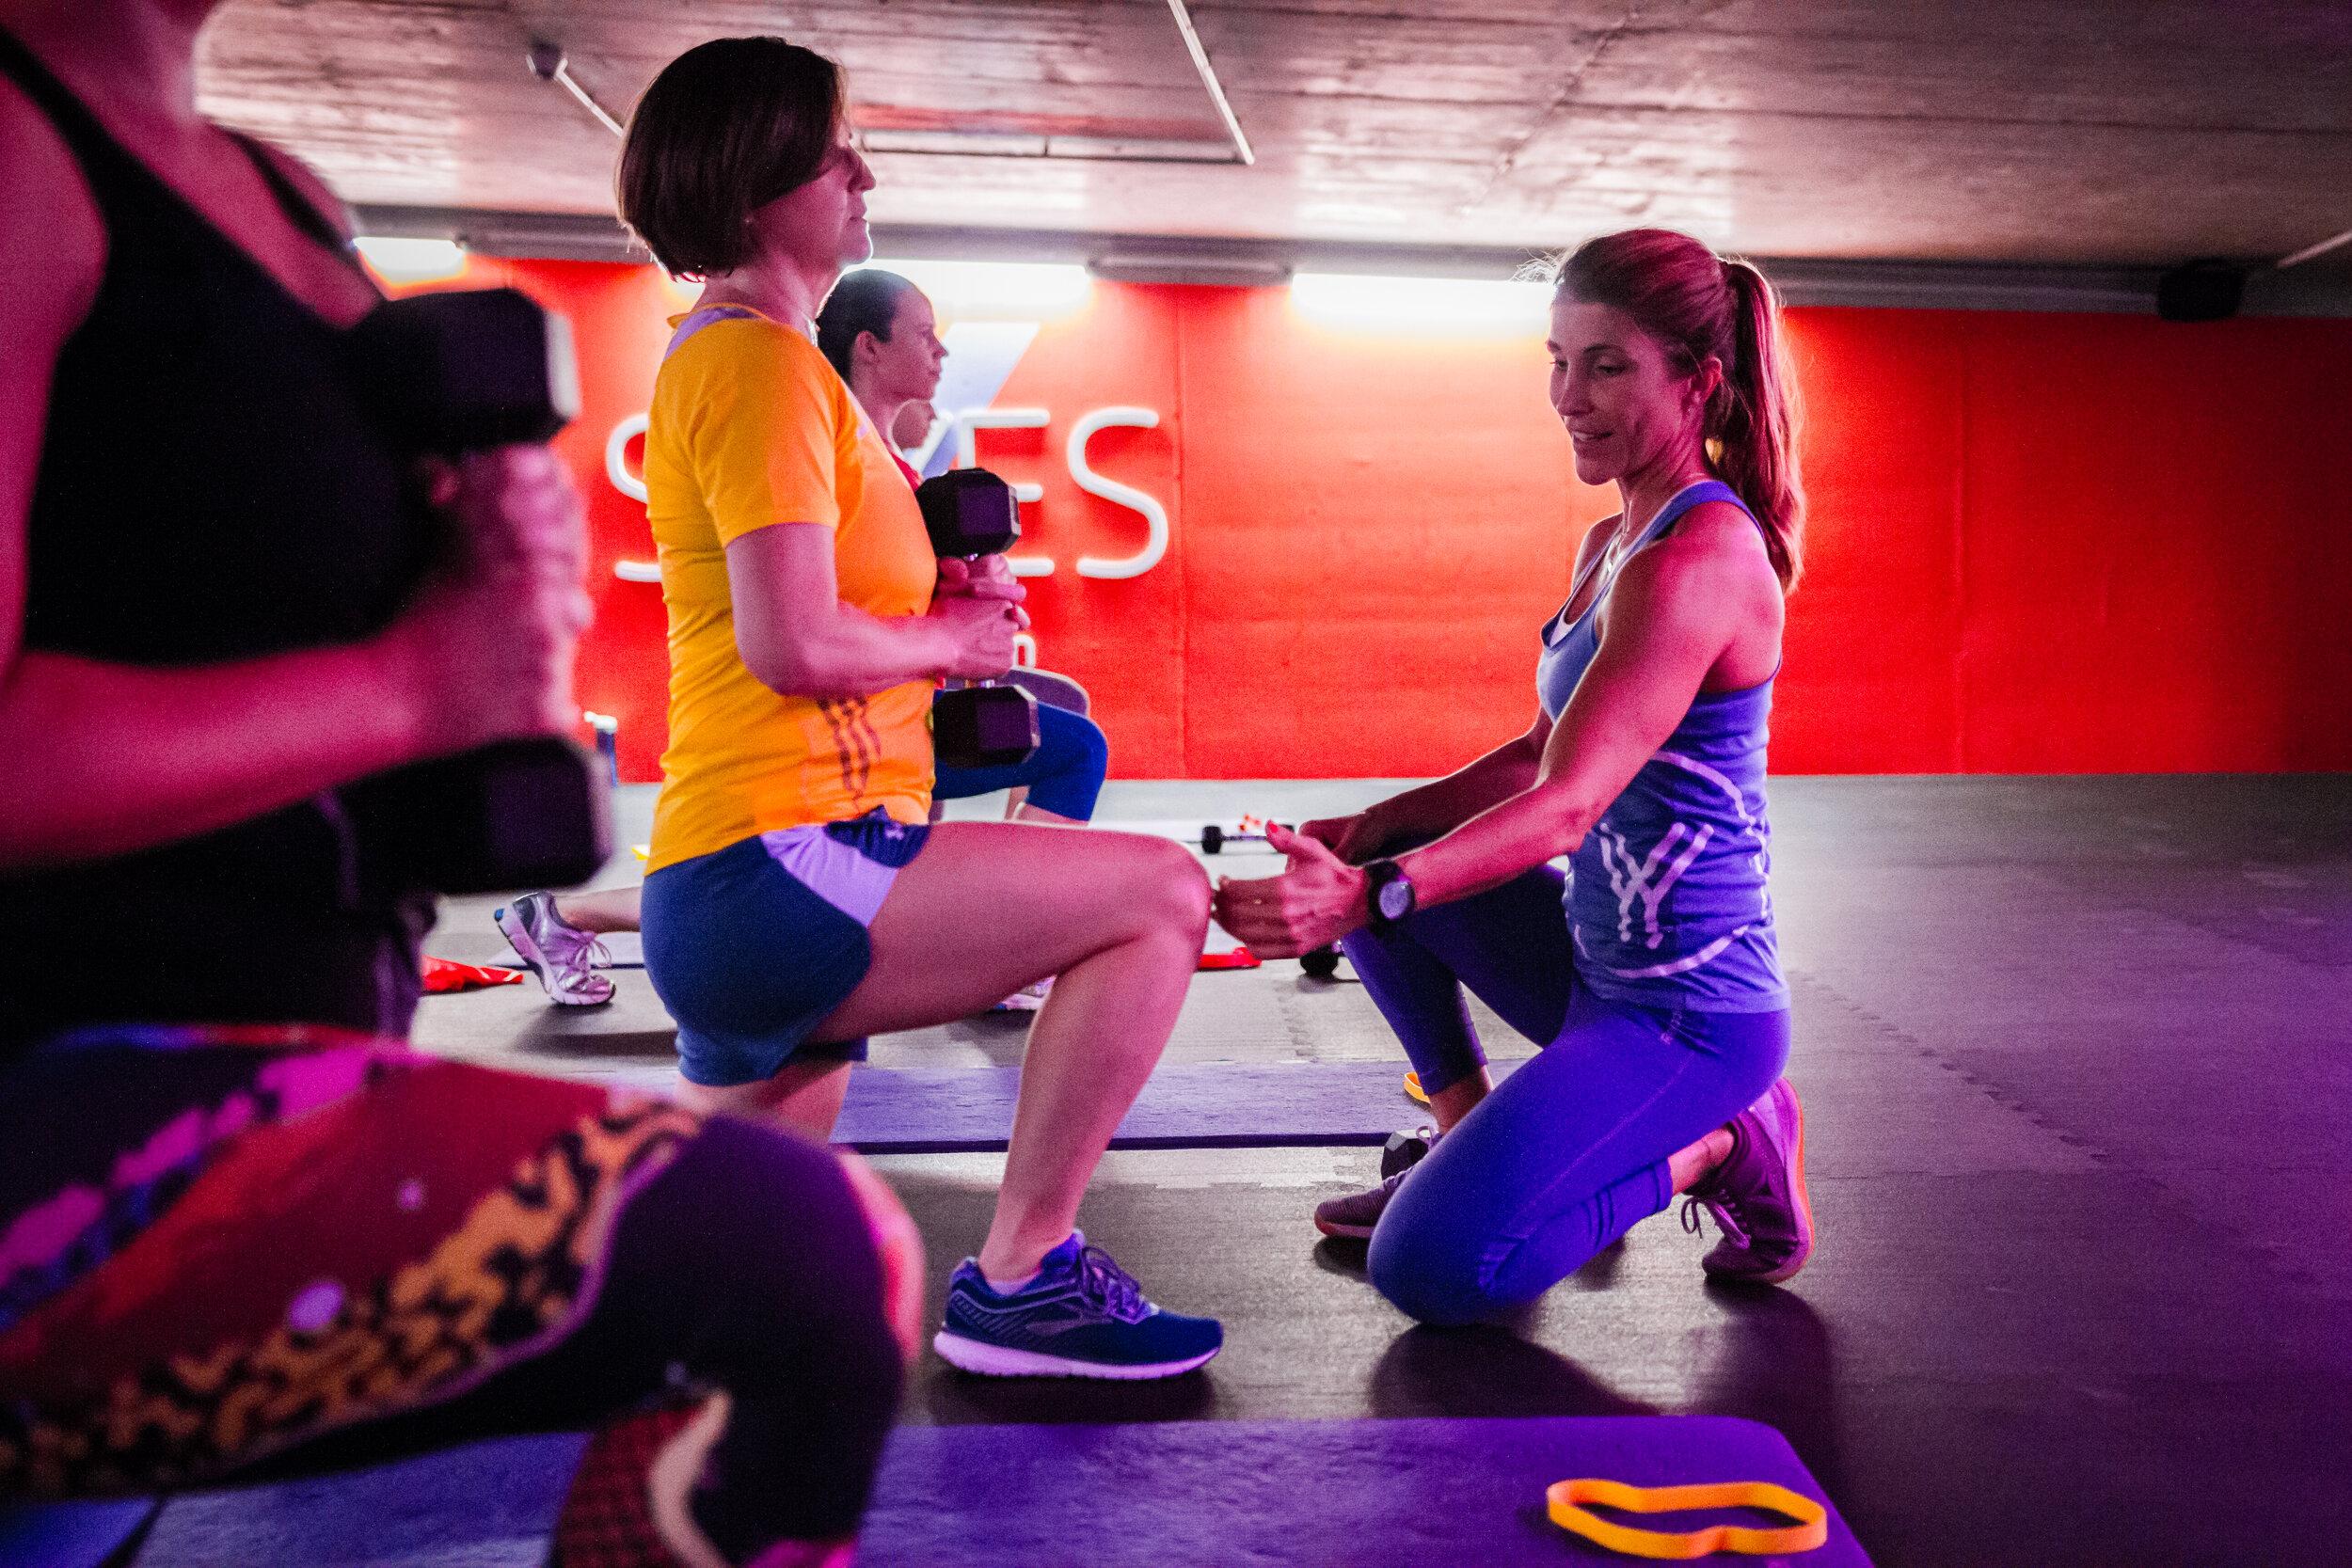 Willkommen bei SAYYES - Durch persönliche Betreuung passen wir das Training deinem Fitnesslevel an, so dass du von Anfang an das bestmögliche für dich herausholen kannst.